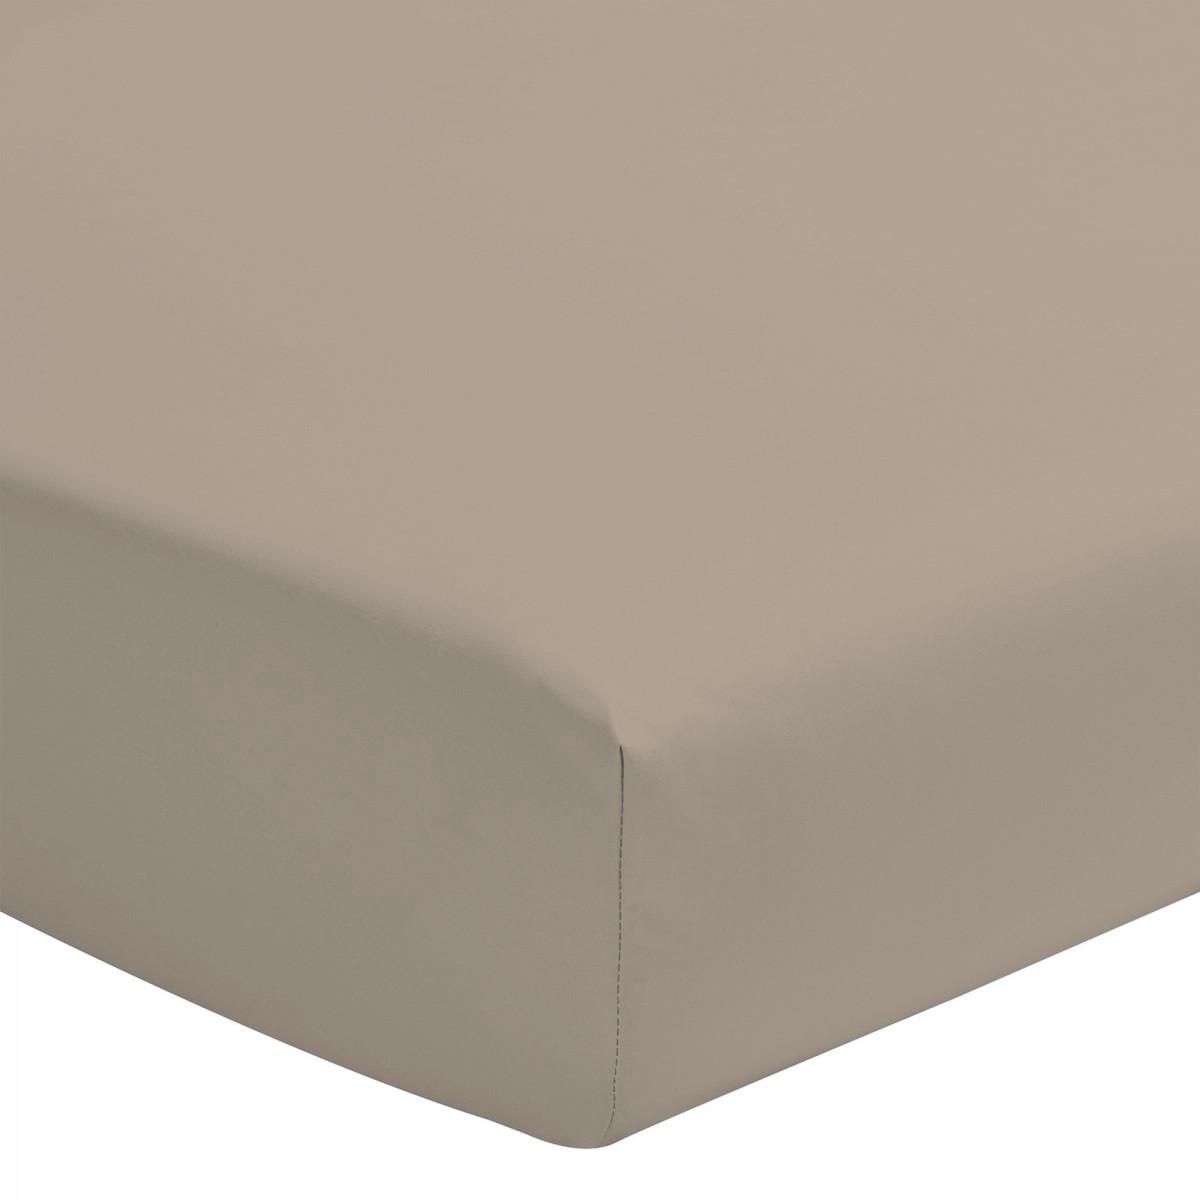 Drap Housse Percale de Coton Bonnet 30cm Beige 160x200cm